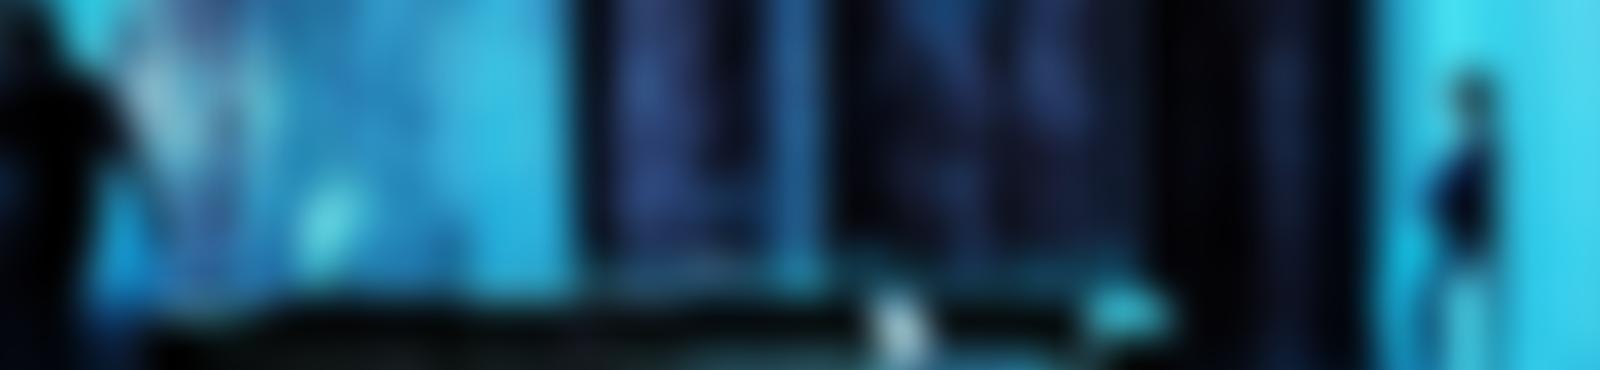 Blurred 201607181631070042